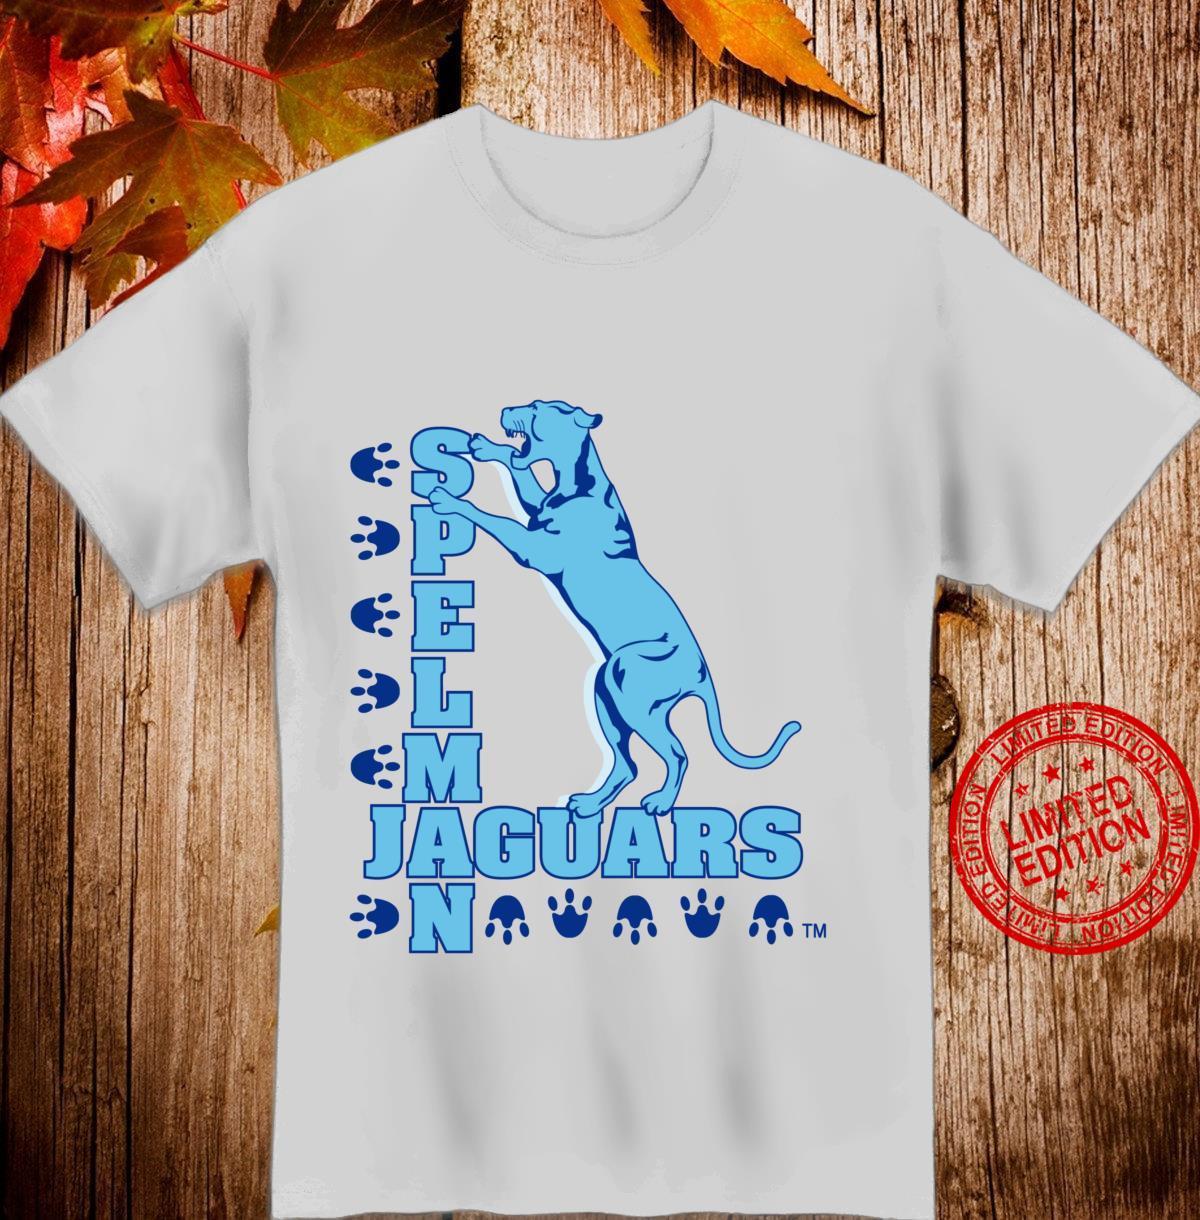 Spelman Jaguars's College NCAA LS PPSLP01 Shirt